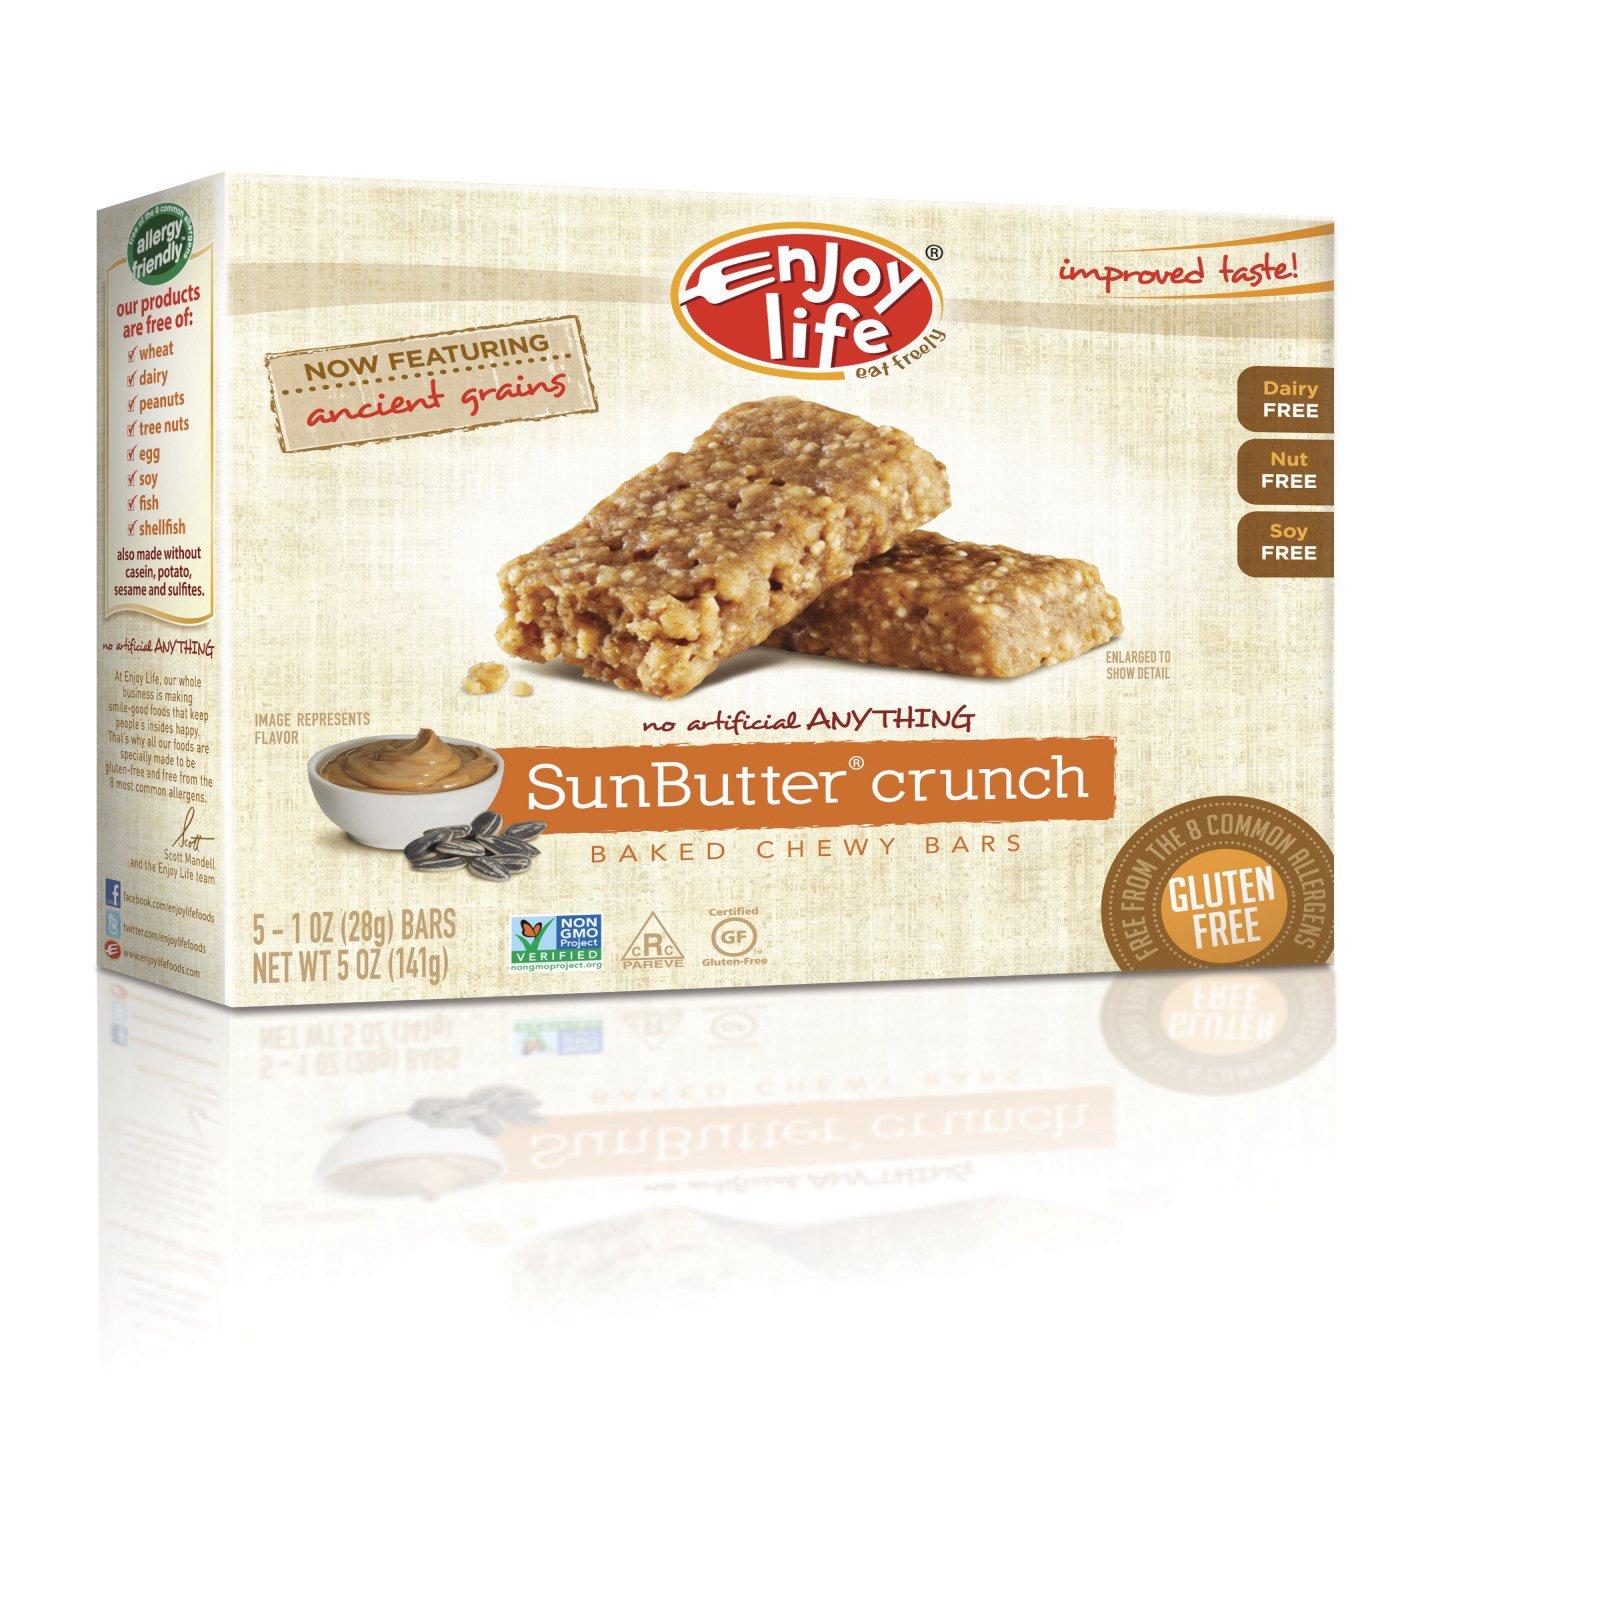 Enjoy Life Foods, Запеченные жевательные батончики, хрустящий Sunbutter, 5 батончиков, по 1 унции (28 гр) каждый